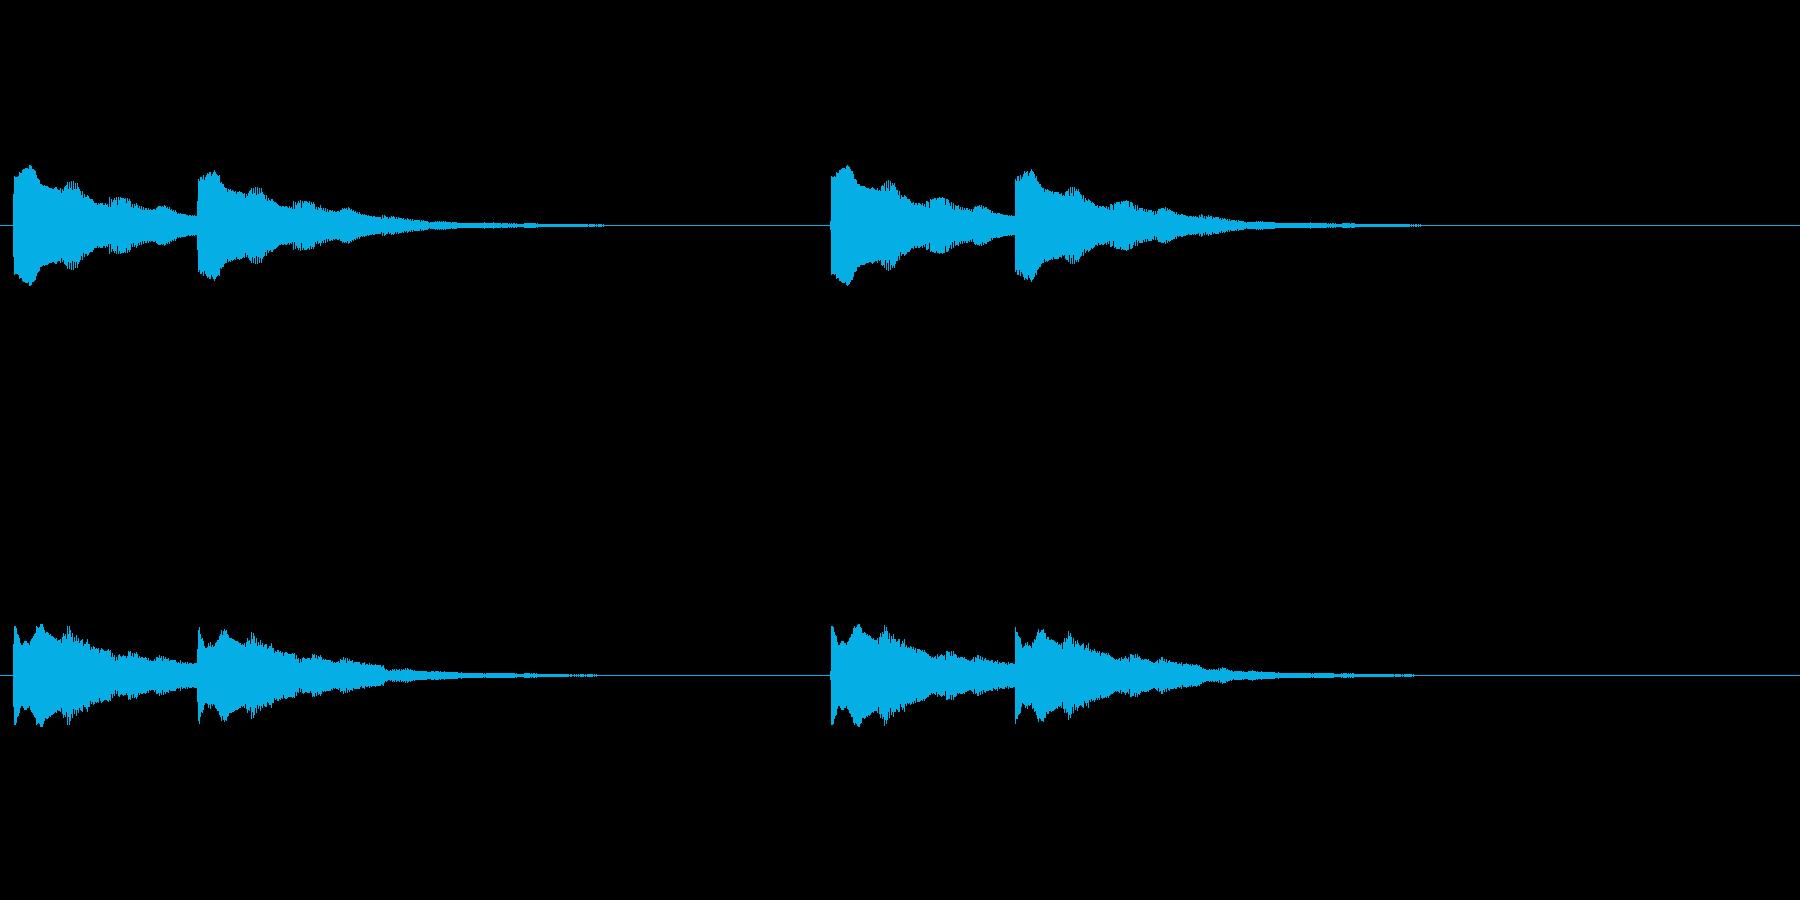 【ドアベル メロディー01-2】の再生済みの波形